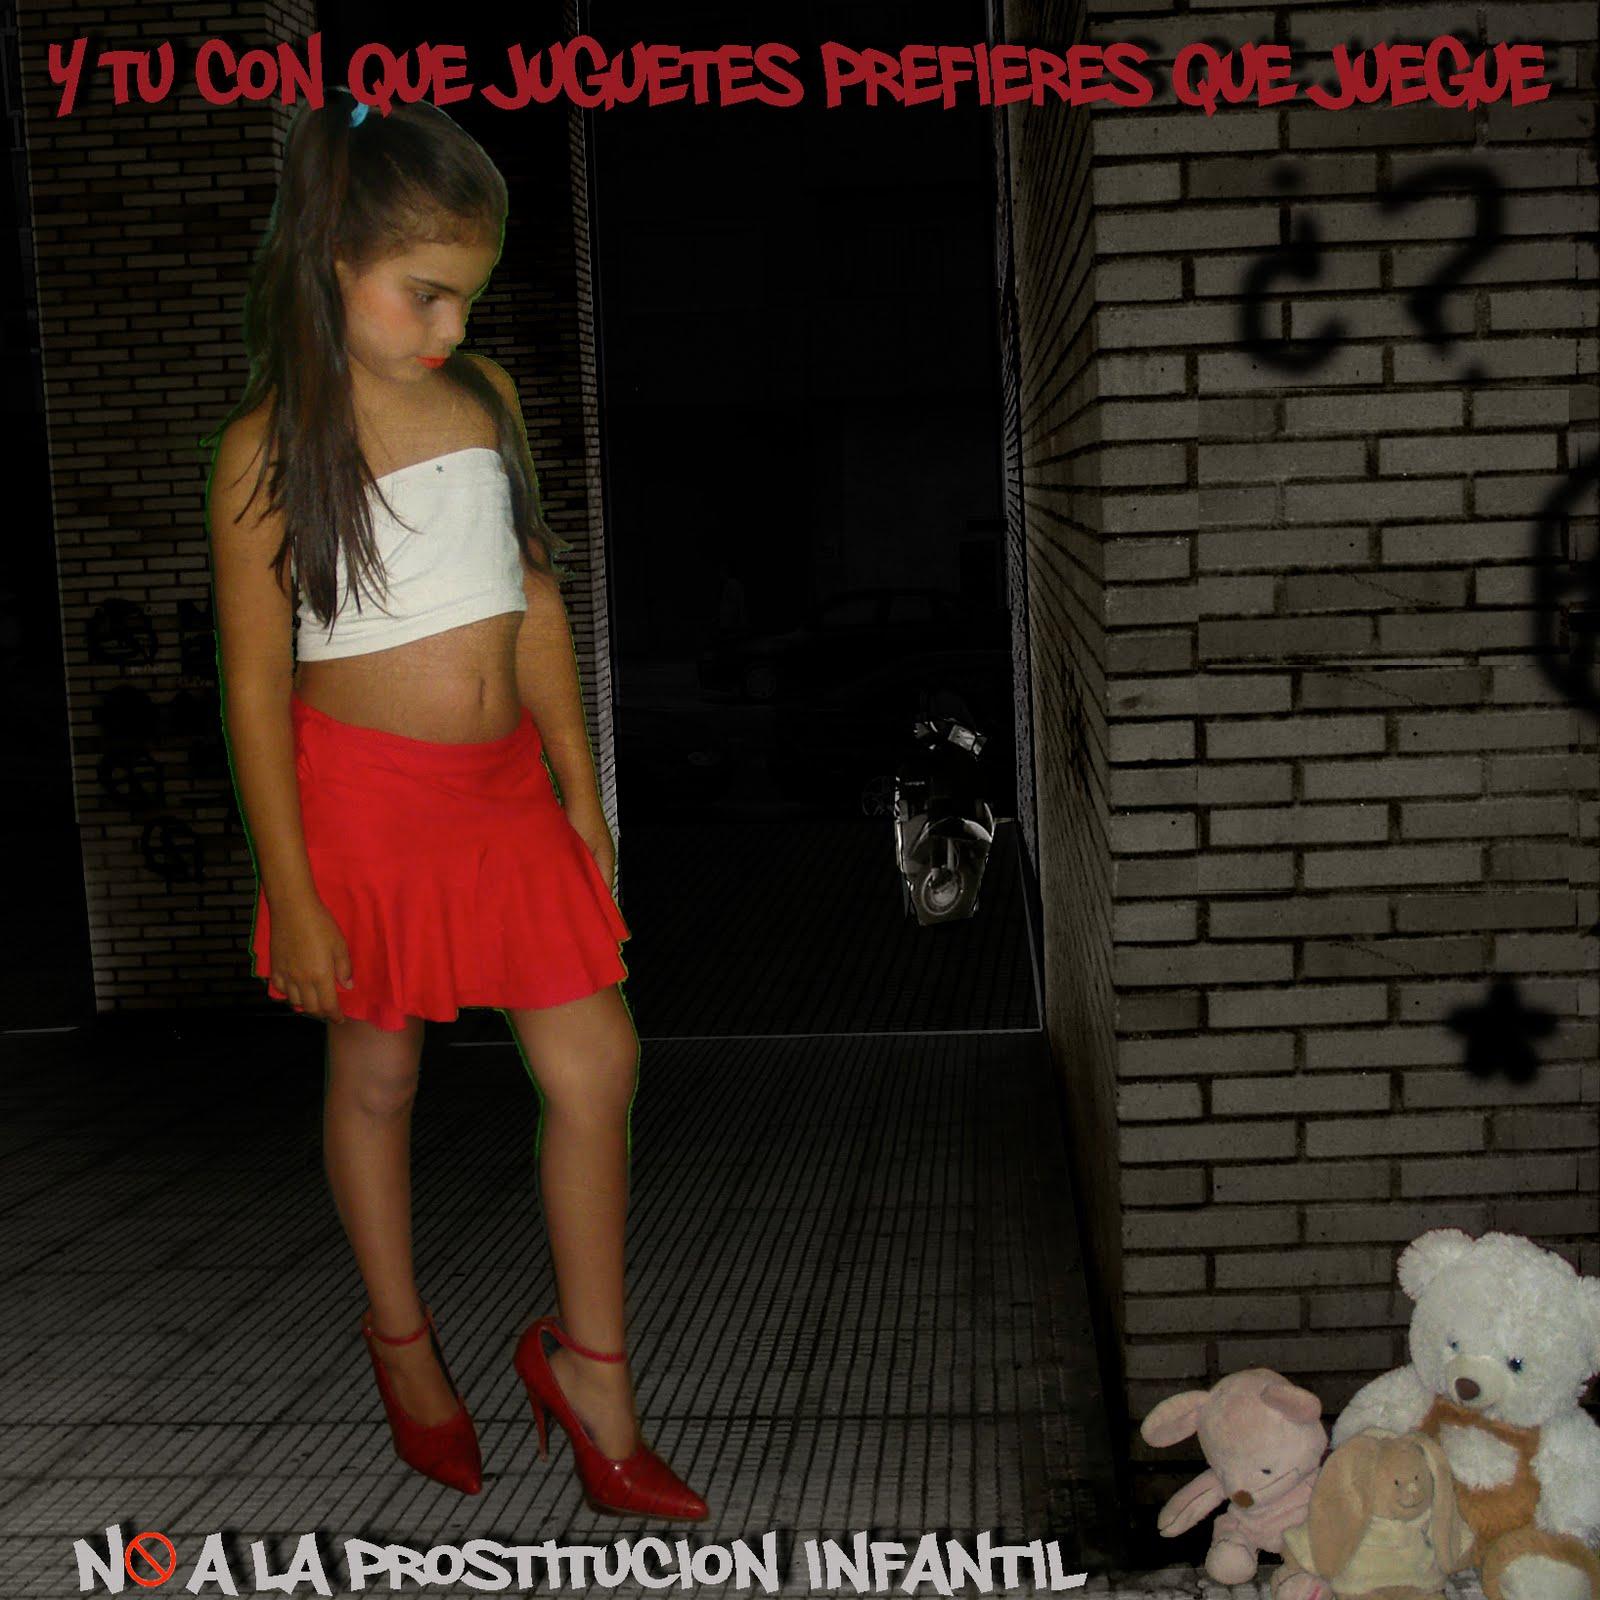 prostitutas en cruces la prostitusion